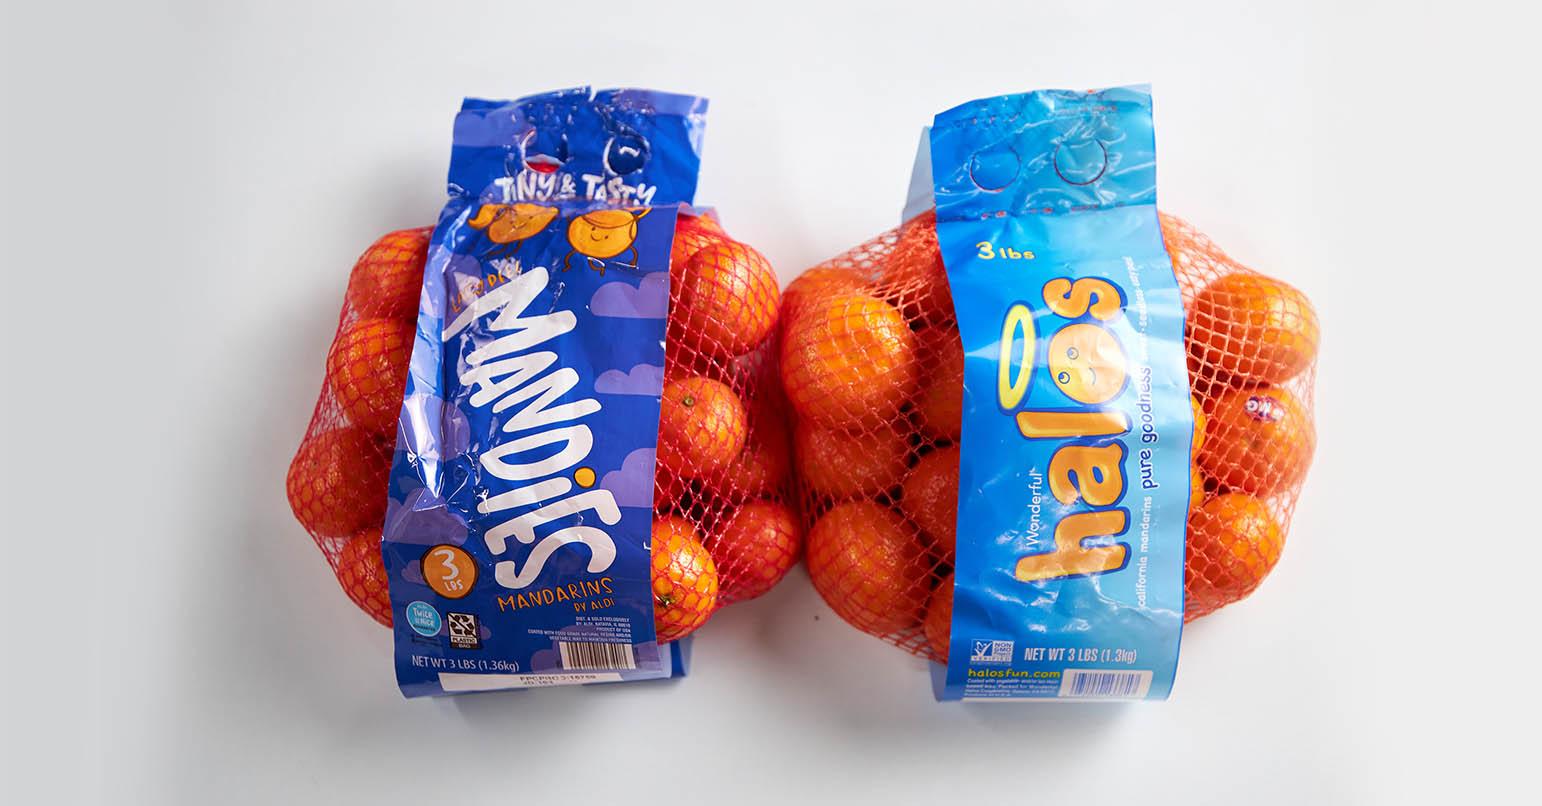 Aldi vs Walmart Oranges